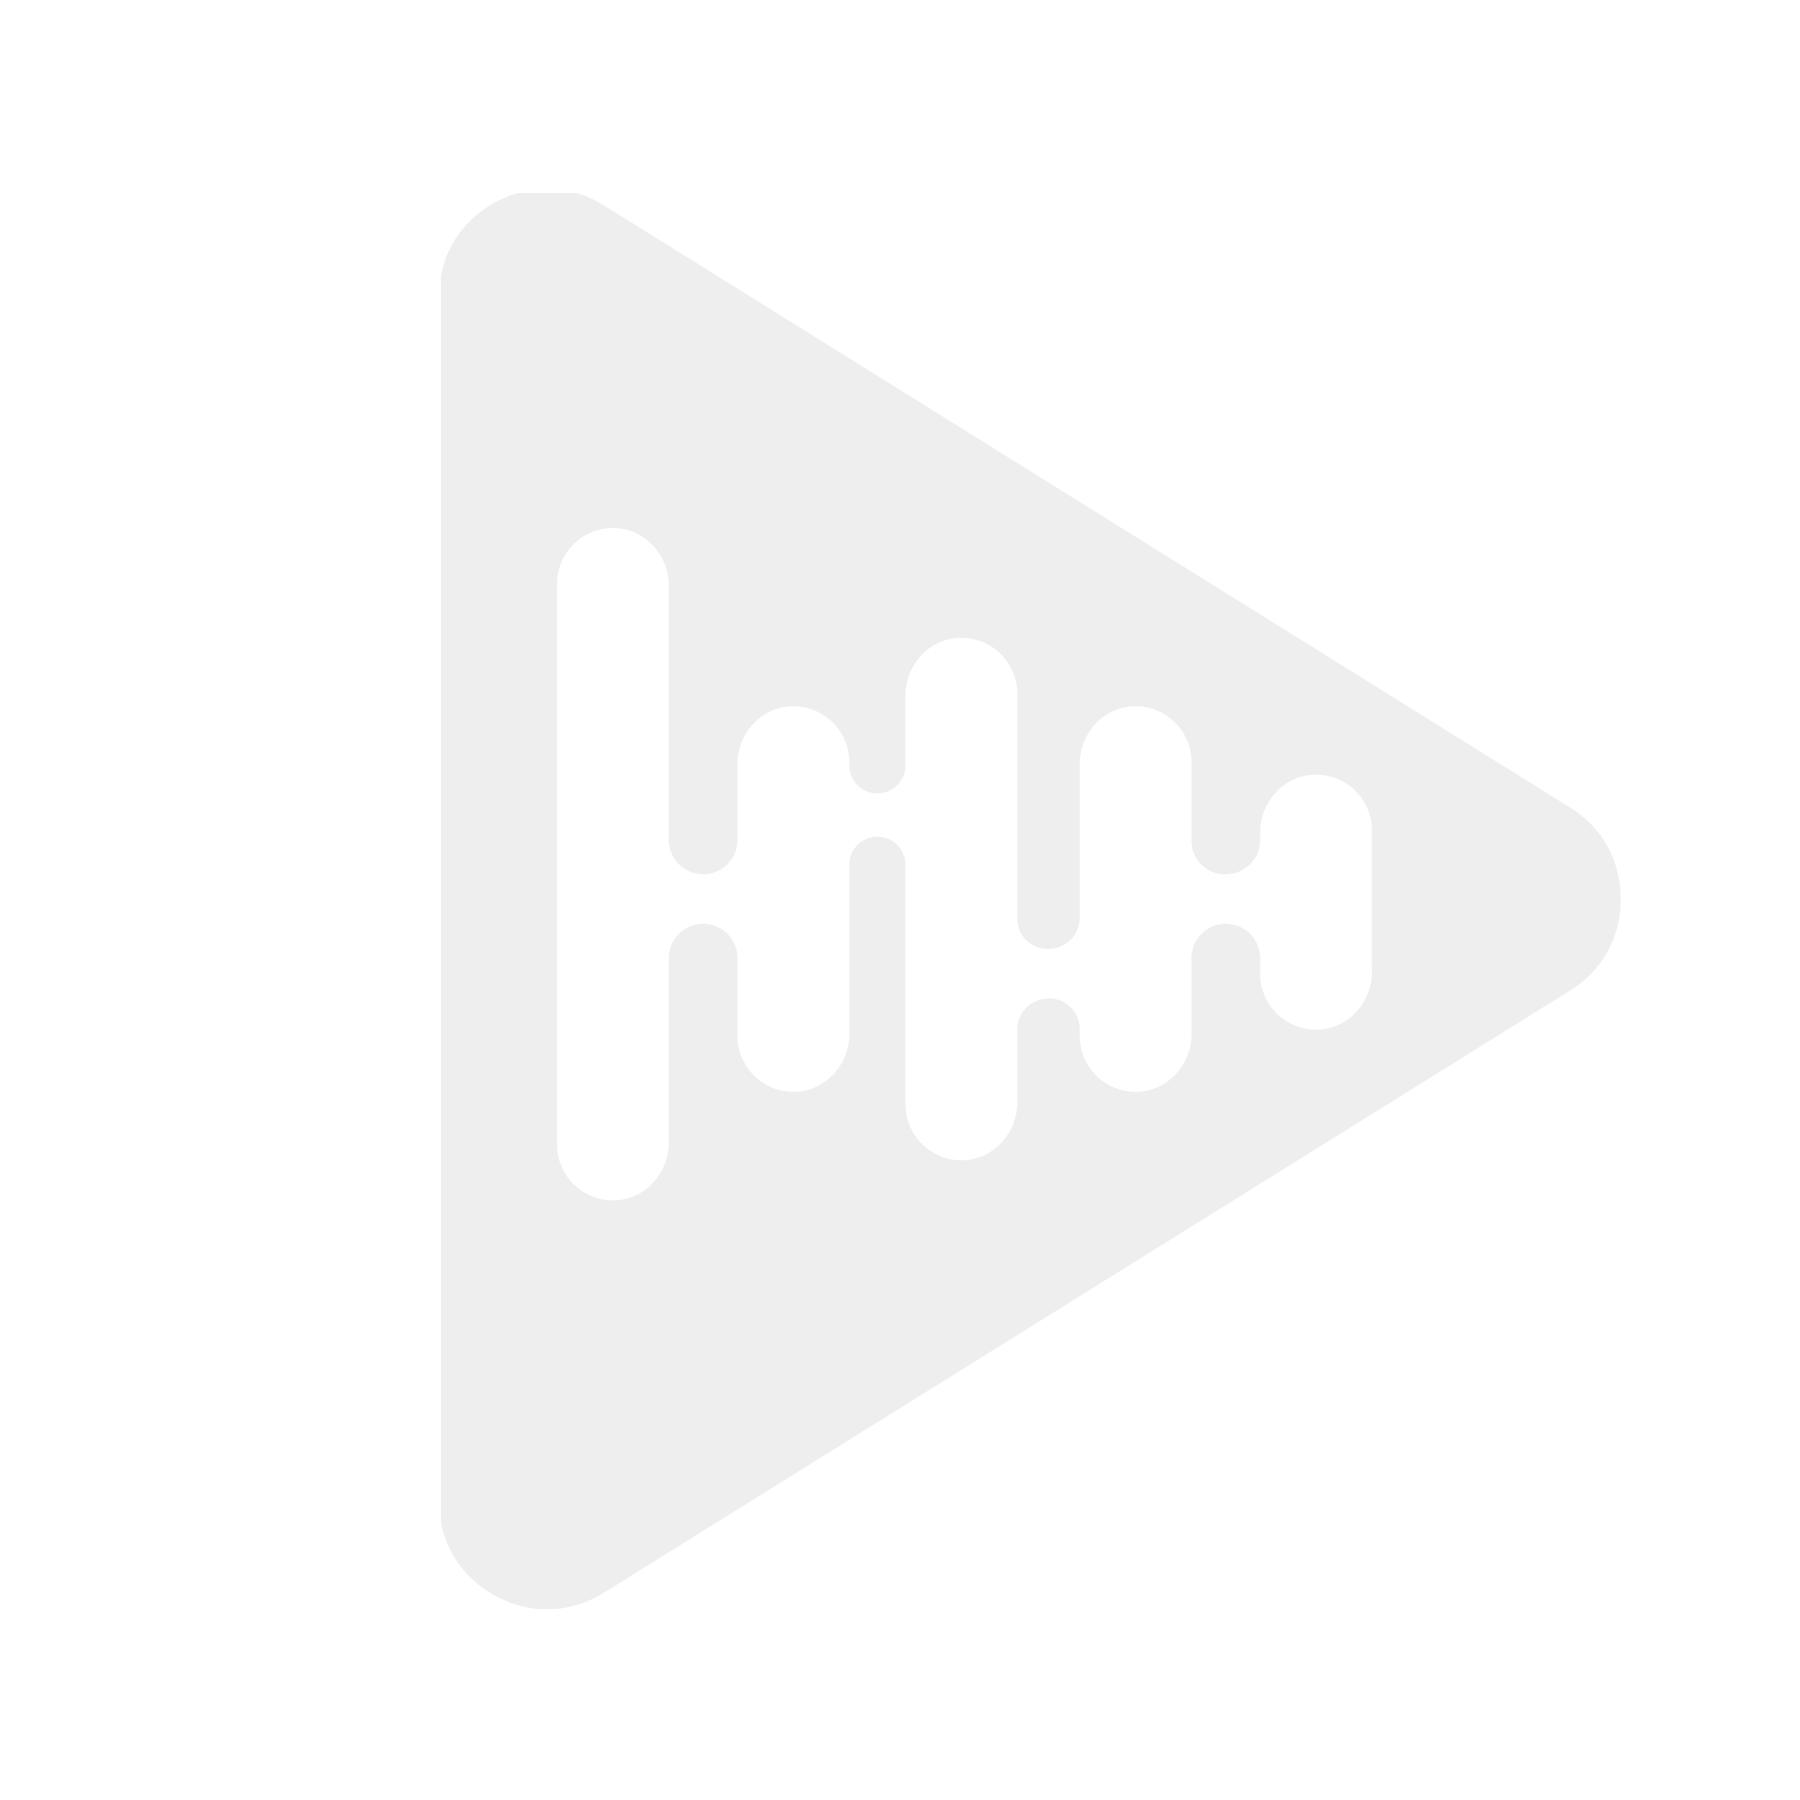 Bandridge BAL4800 - Dig. Coax Audio CableRCA M - RCA M 0,5-5M